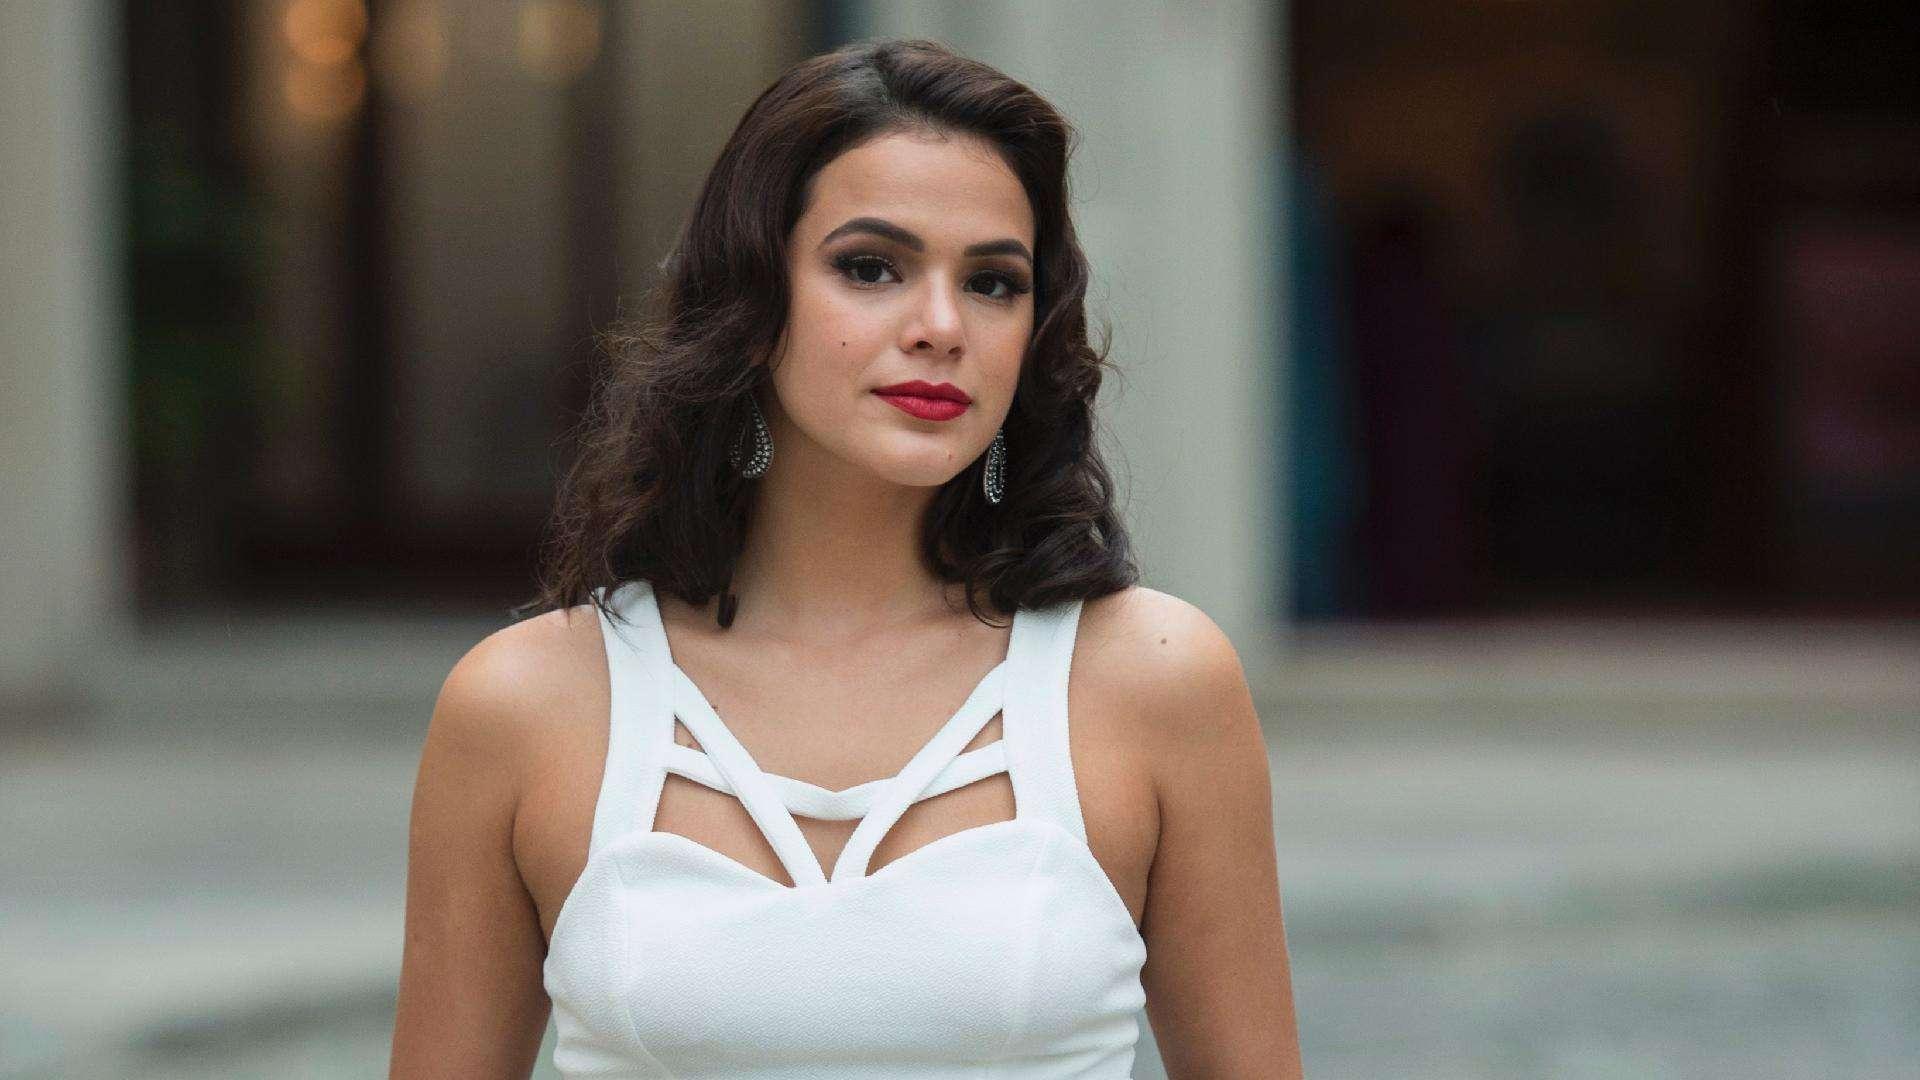 Bruna Marquezine é notificada pelo Conar por publicações indevidas no Instagram